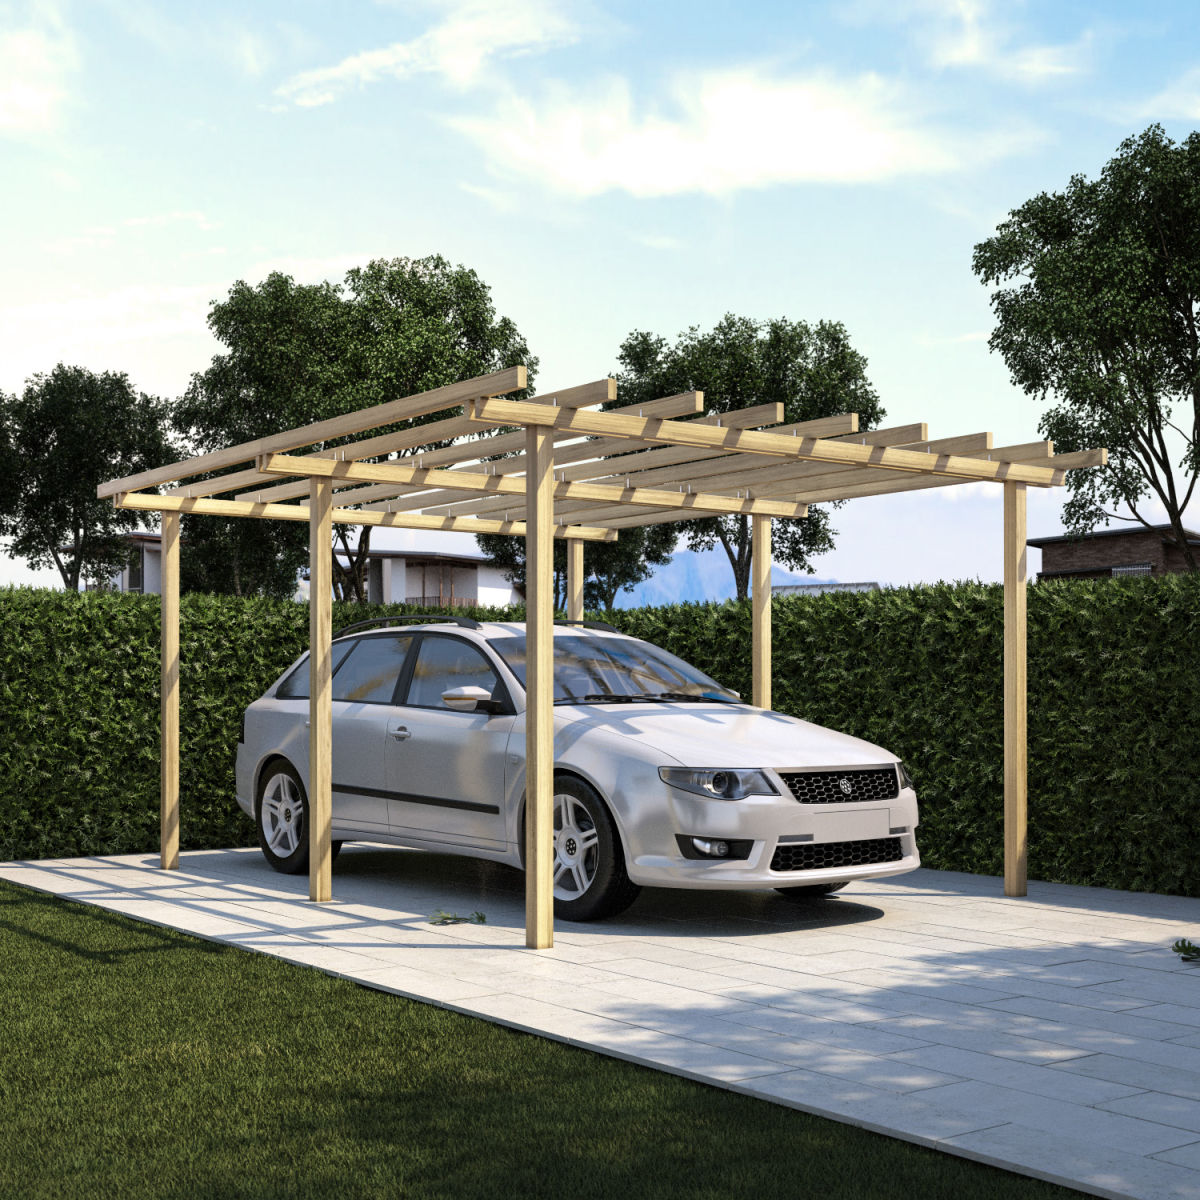 Good giardino e firenze x m with coperture mobili per auto - Garage mobile per auto ...